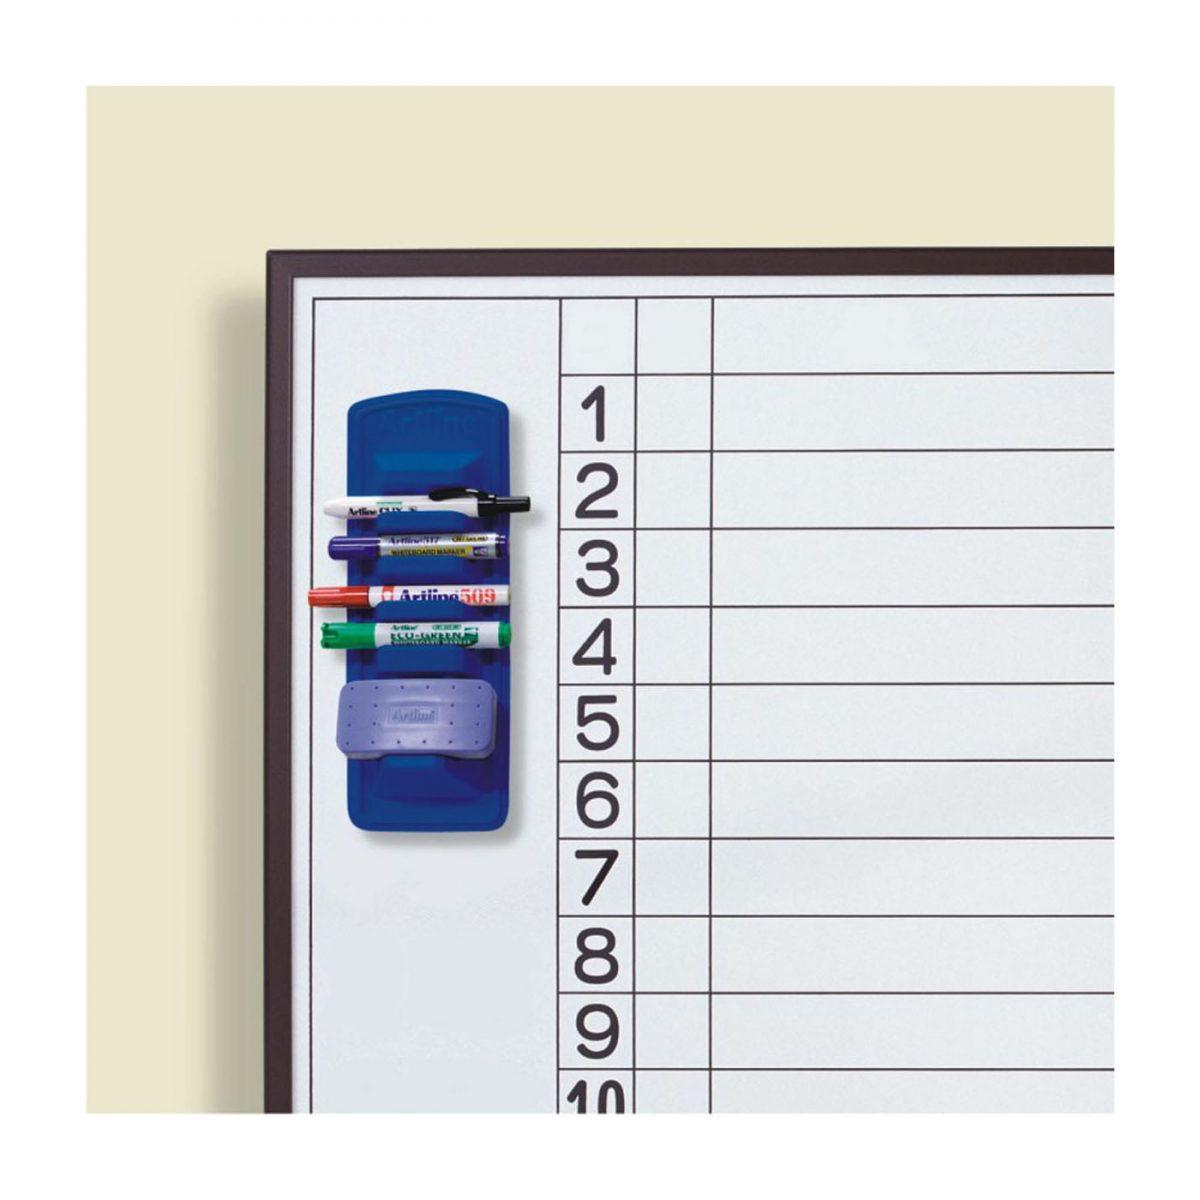 Suport magnetic ARTLINE, pentru 4 markere + burete, pentru table magnetice